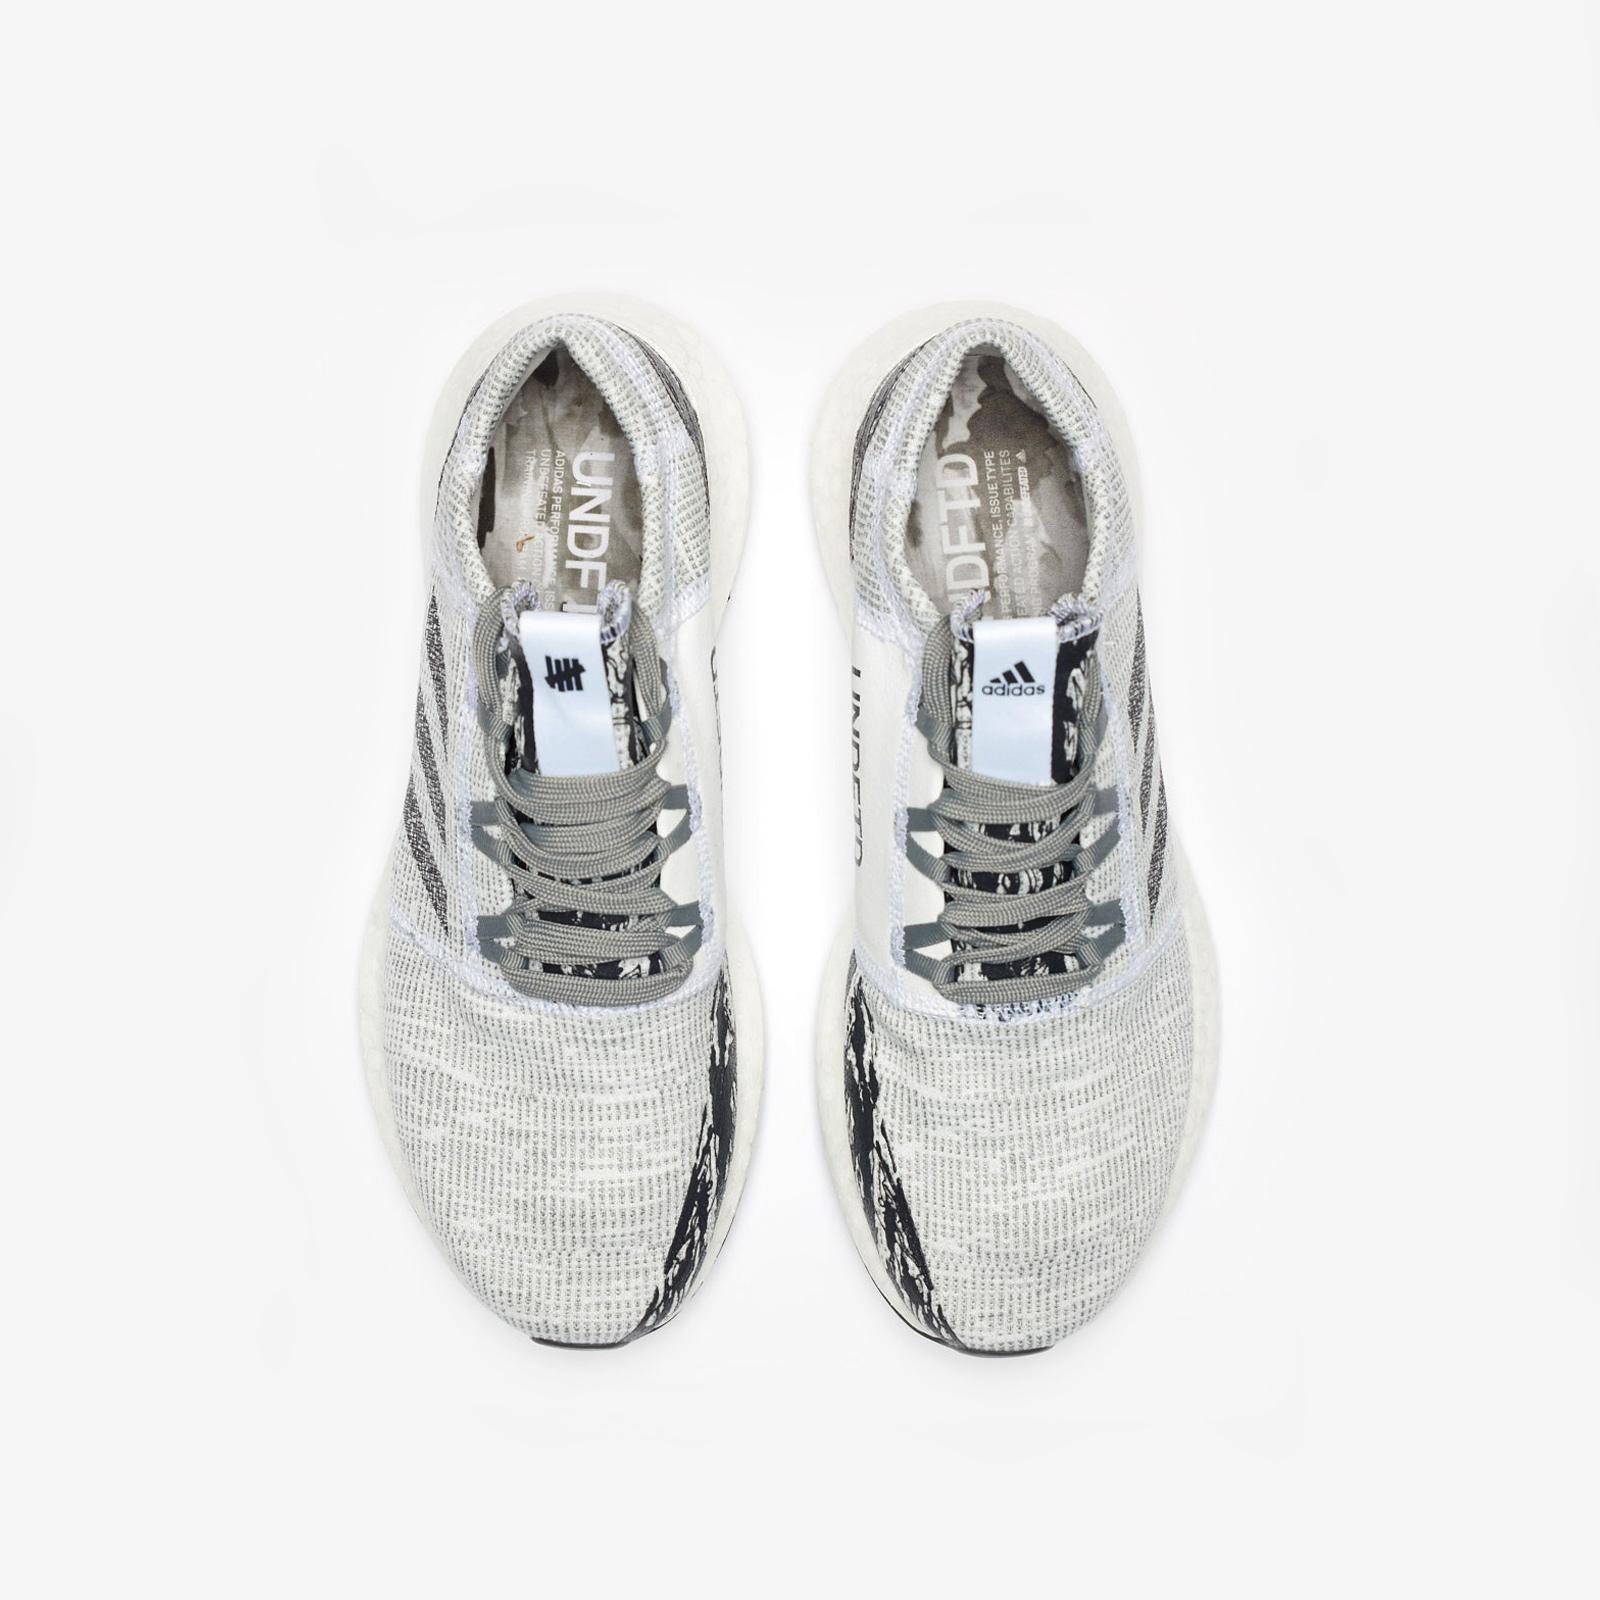 3caafe1e2 adidas PureBOOST LTD x UNDFTD - Bc0474 - Sneakersnstuff